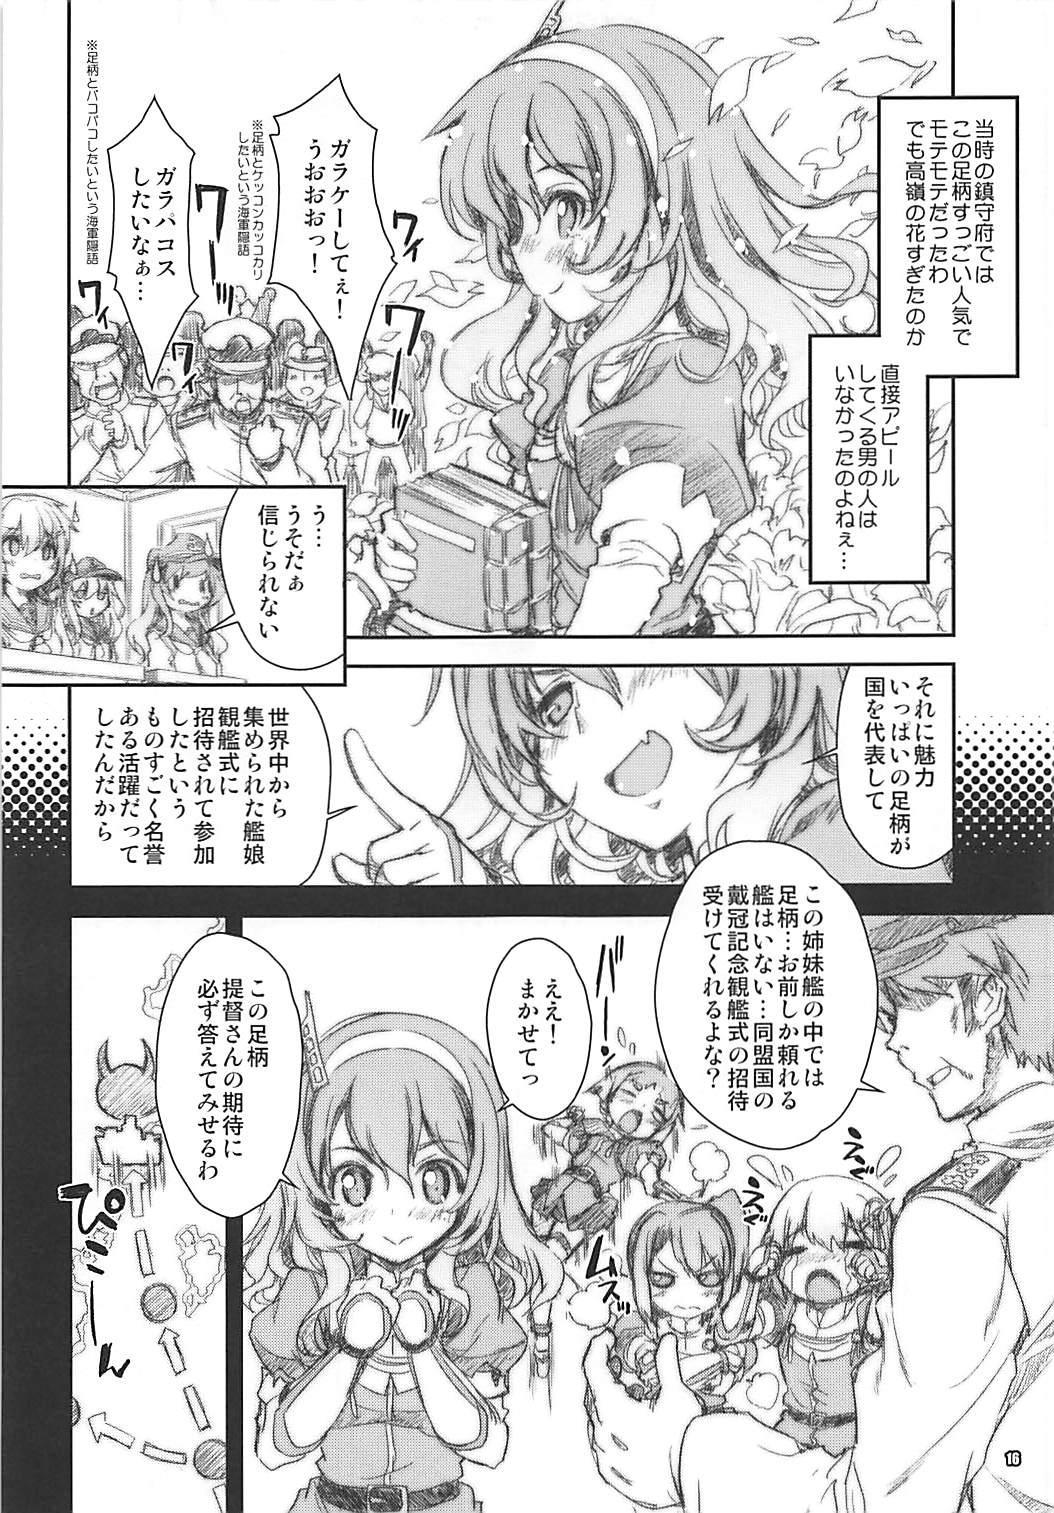 (COMIC1☆9) [Magic Private Eye (Mitsuki Mantarou)] Kanmusu wa H Daisuki 5 - Oshiete Ashigara-sensei (Kantai Collection -KanColle-) 7